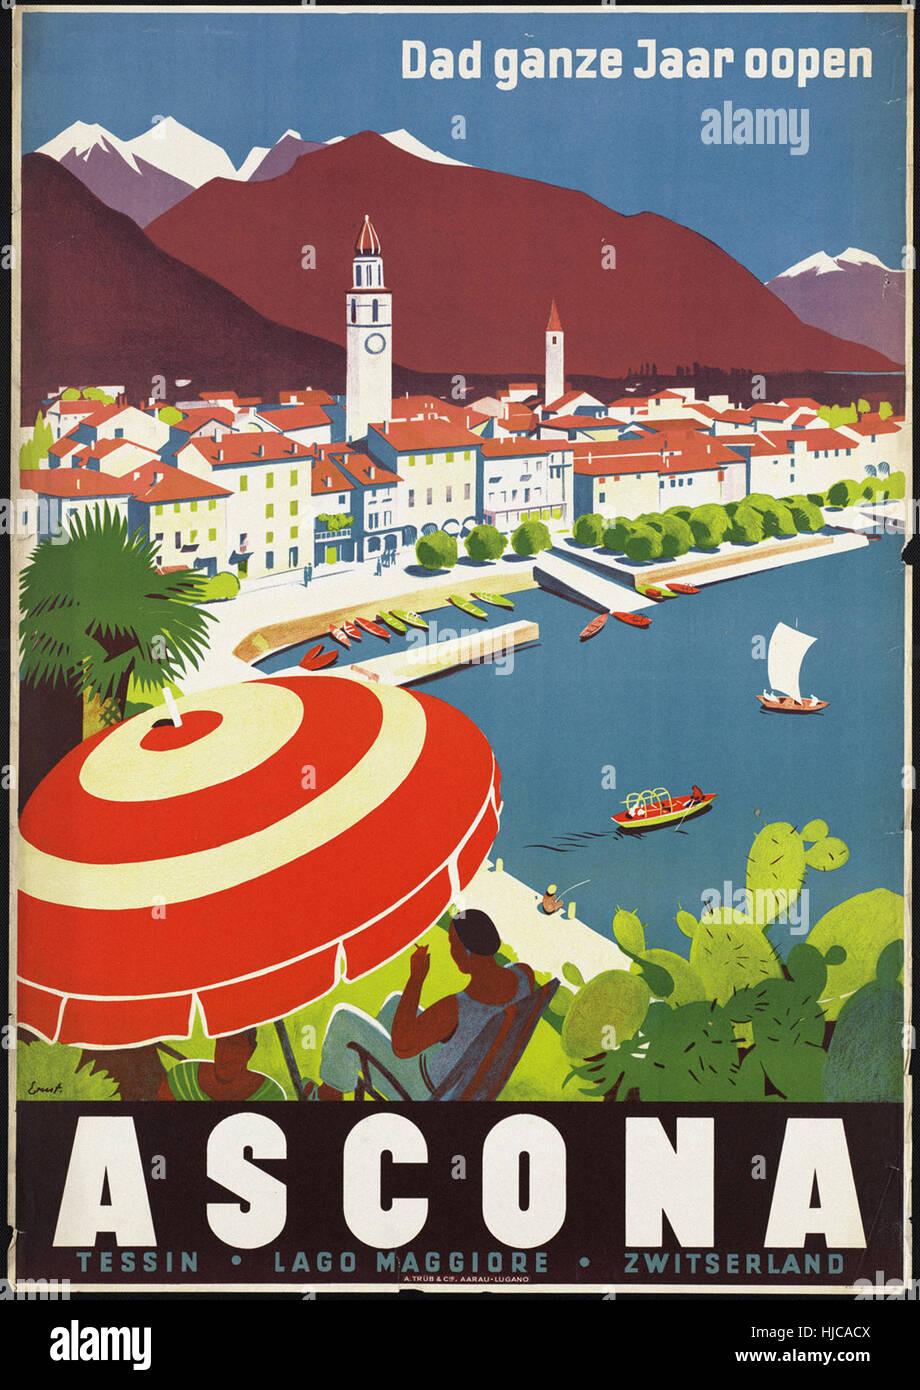 Ascona. Dad ganze Jaar oopen  - Vintage travel poster 1920s-1940s - Stock Image